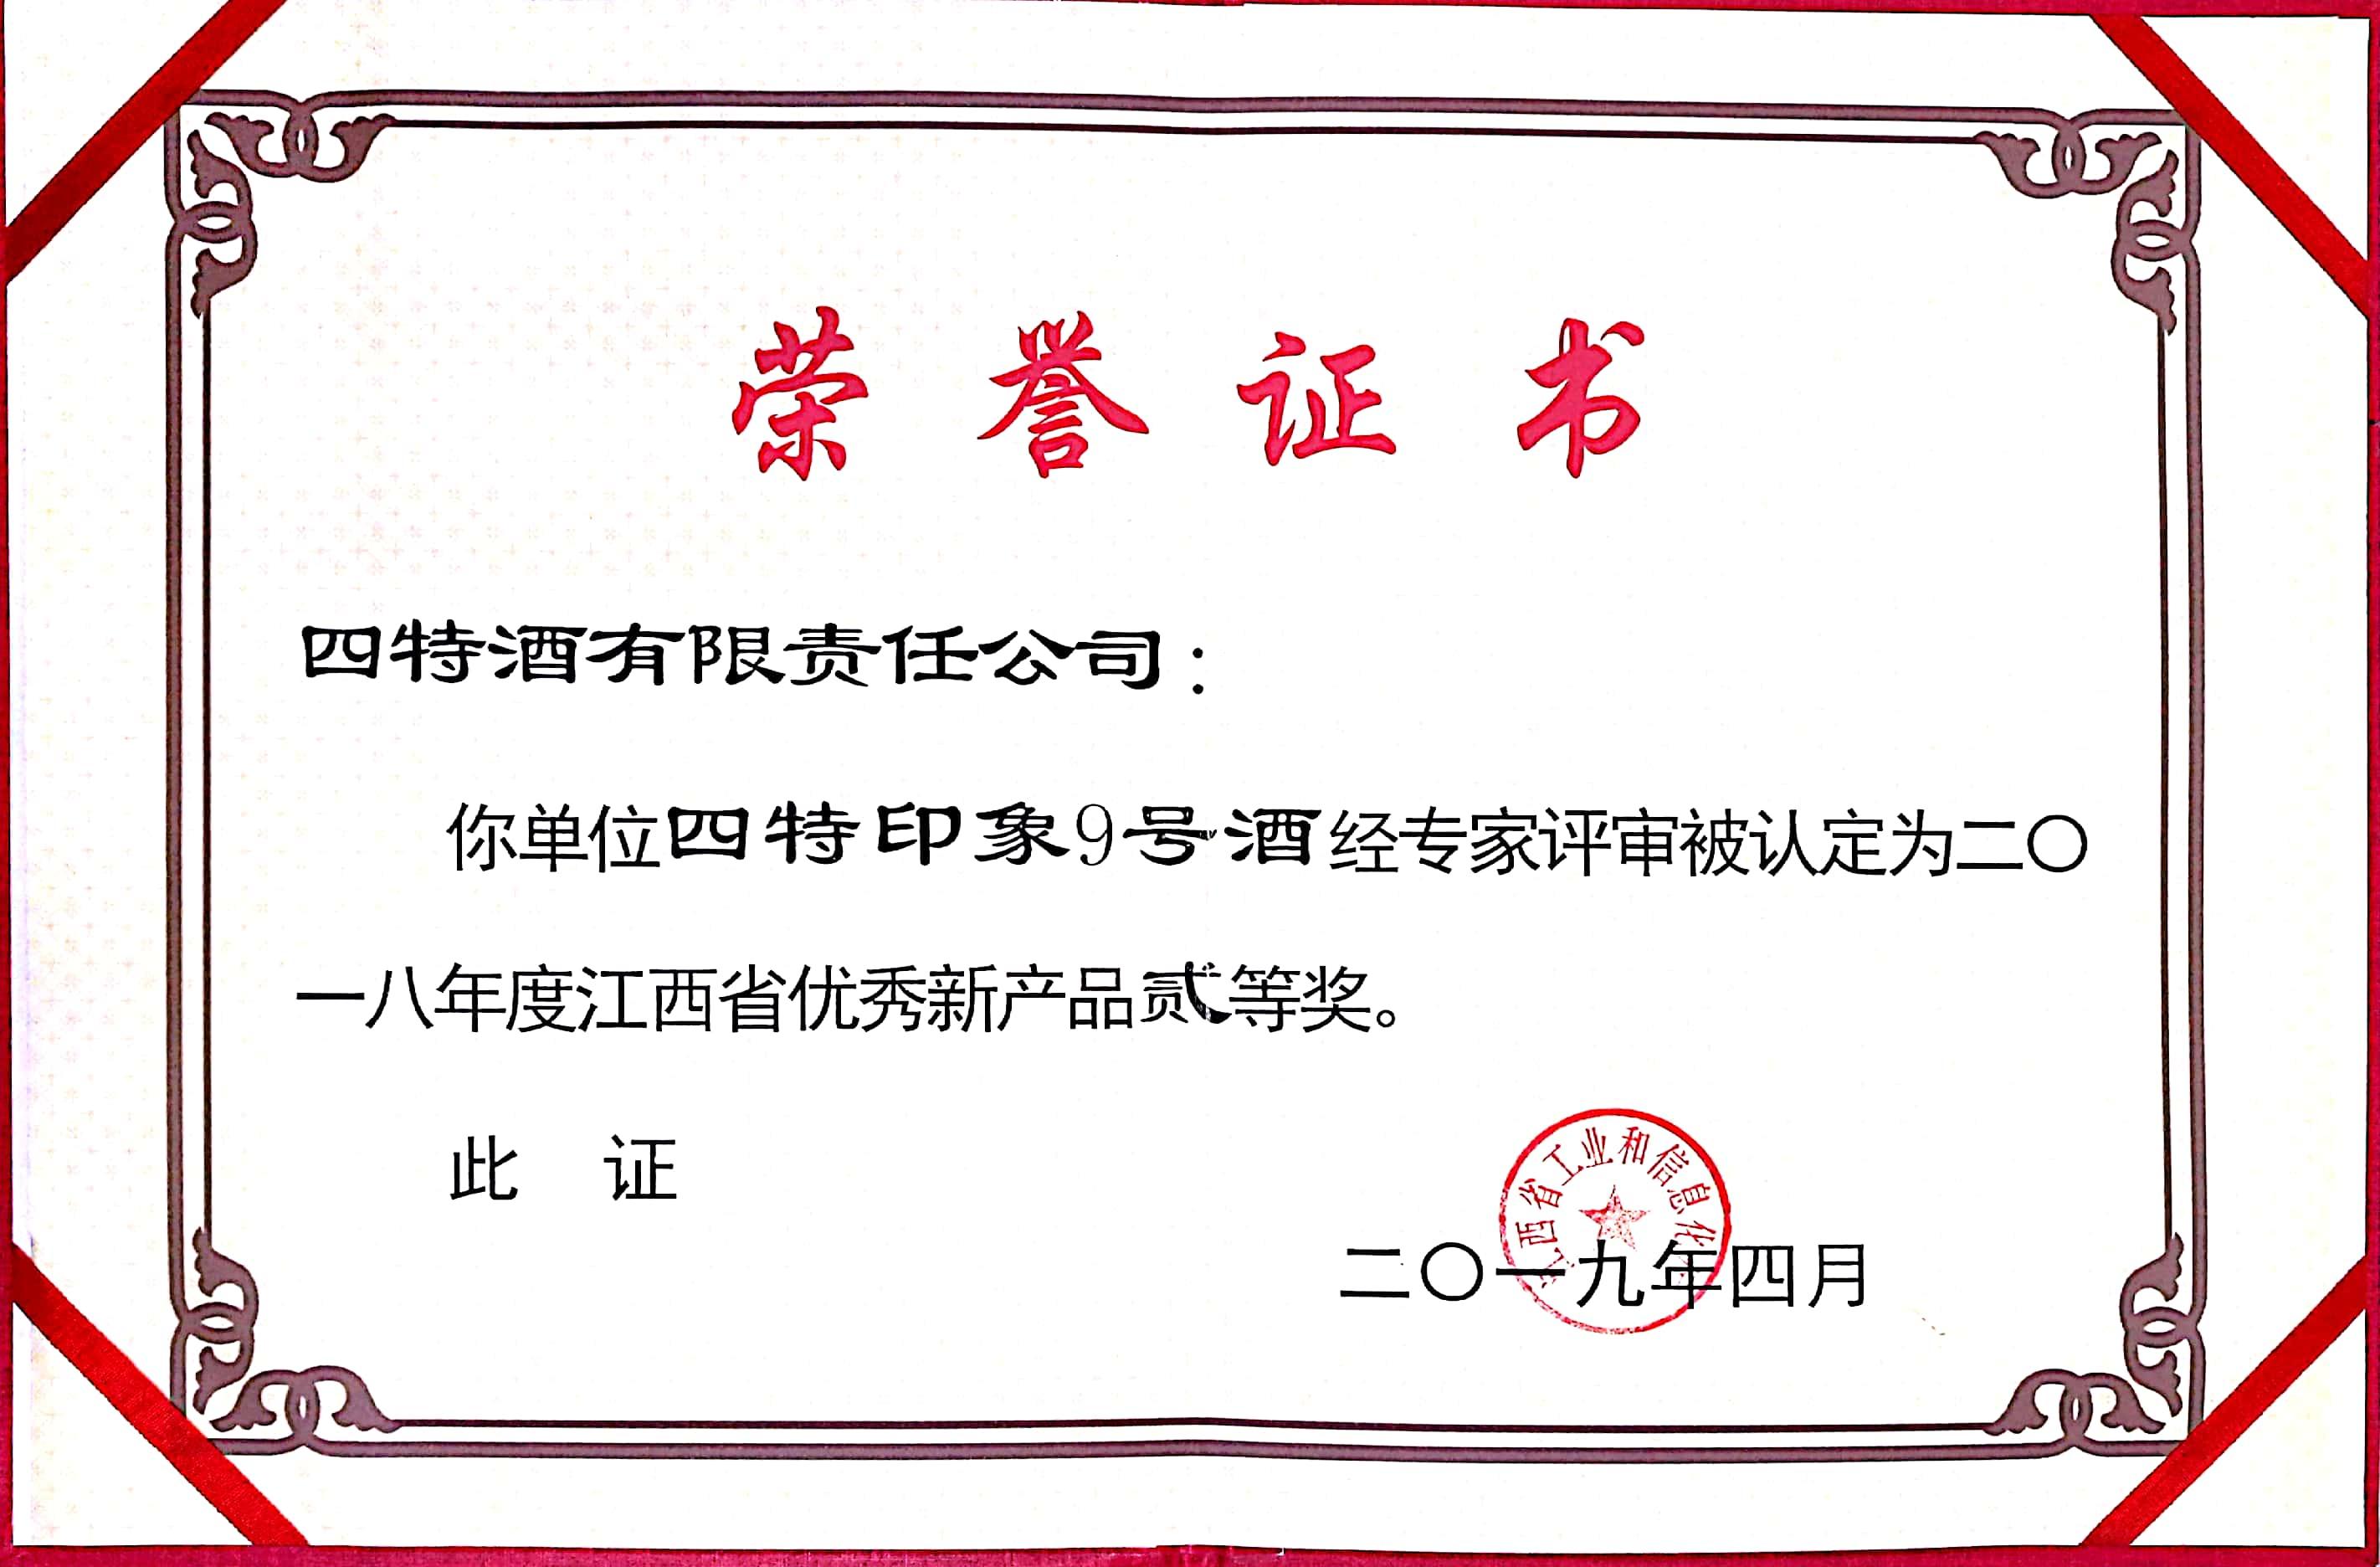 江西省优秀新产品贰等奖(br88冠亚足彩坑人吗印象9号)